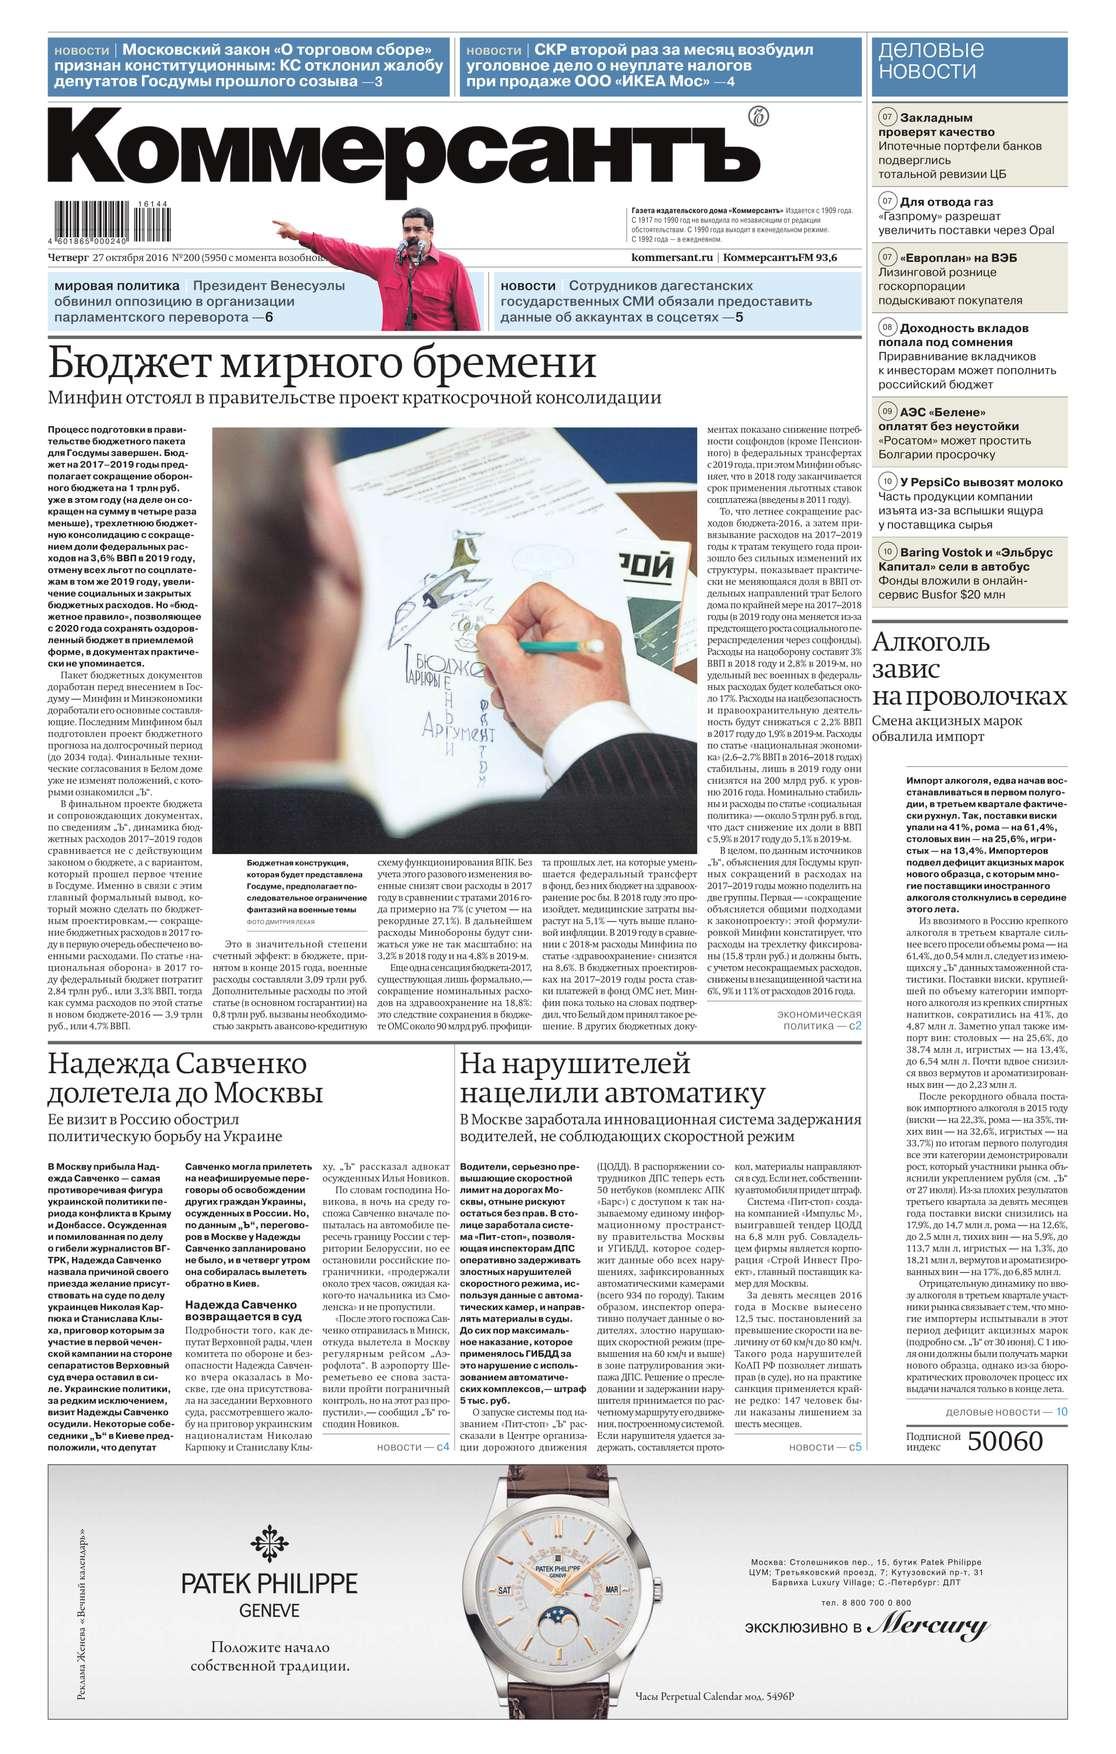 Редакция газеты Коммерсантъ (понедельник-пятница) КоммерсантЪ (понедельник-пятница) 200-2016 цена